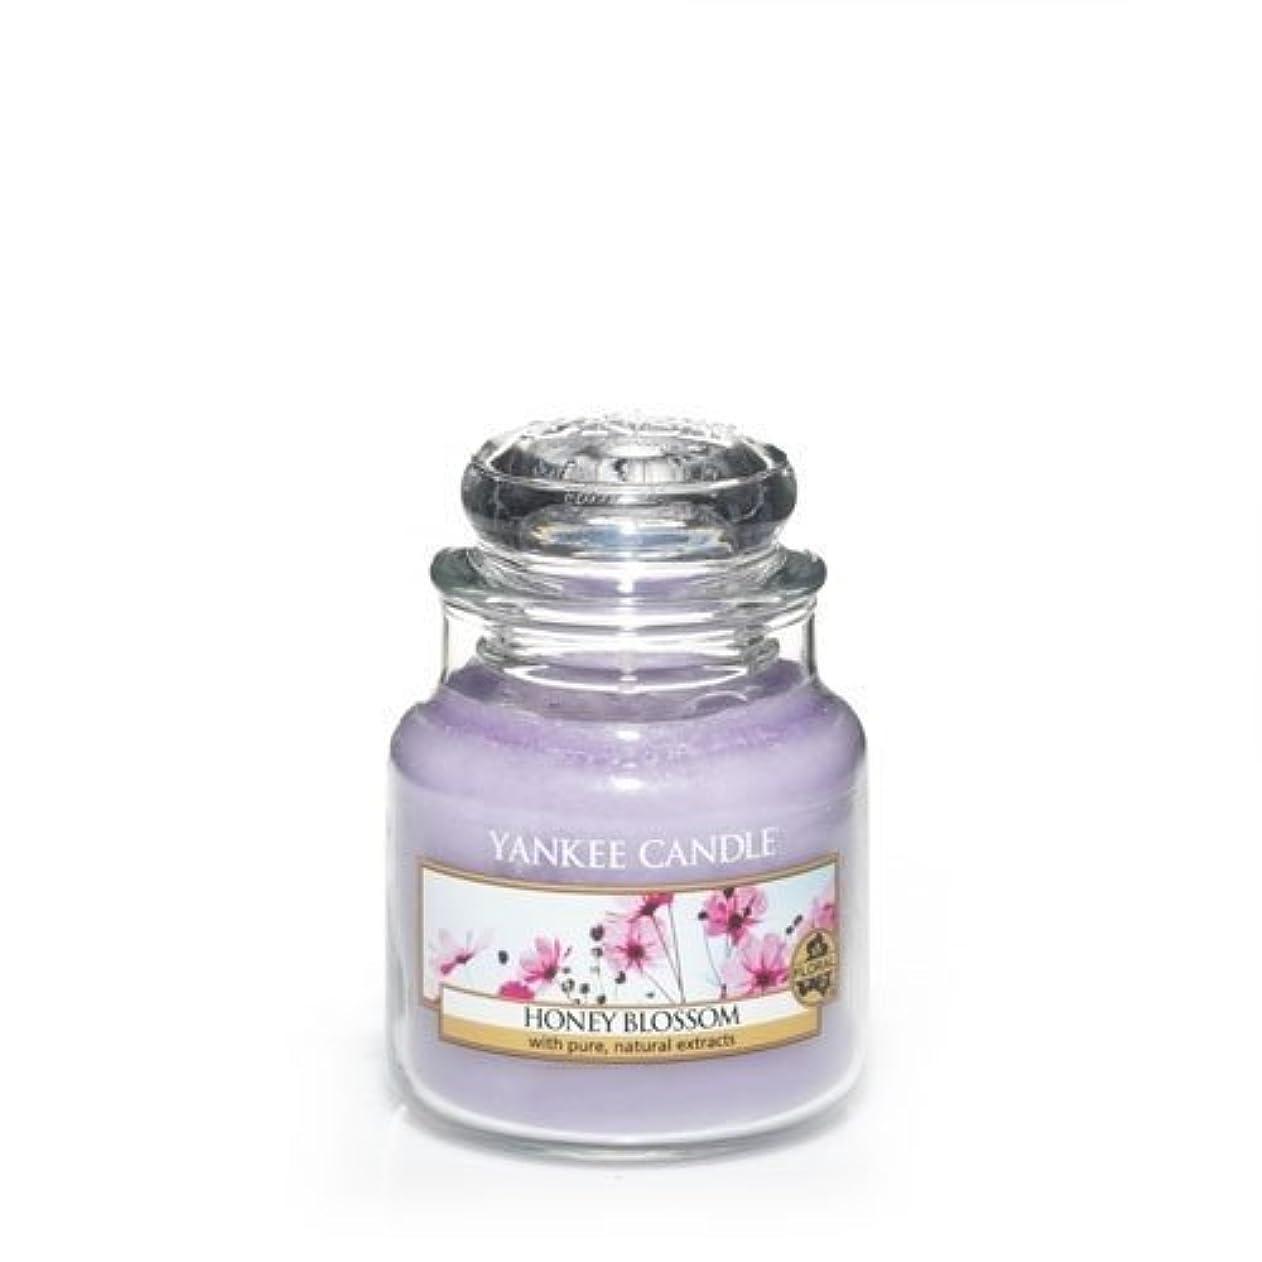 不毛エンターテインメント神のYankee Candle Honey Blossom Small Jar Candle, Floral Scent by Yankee Candle [並行輸入品]